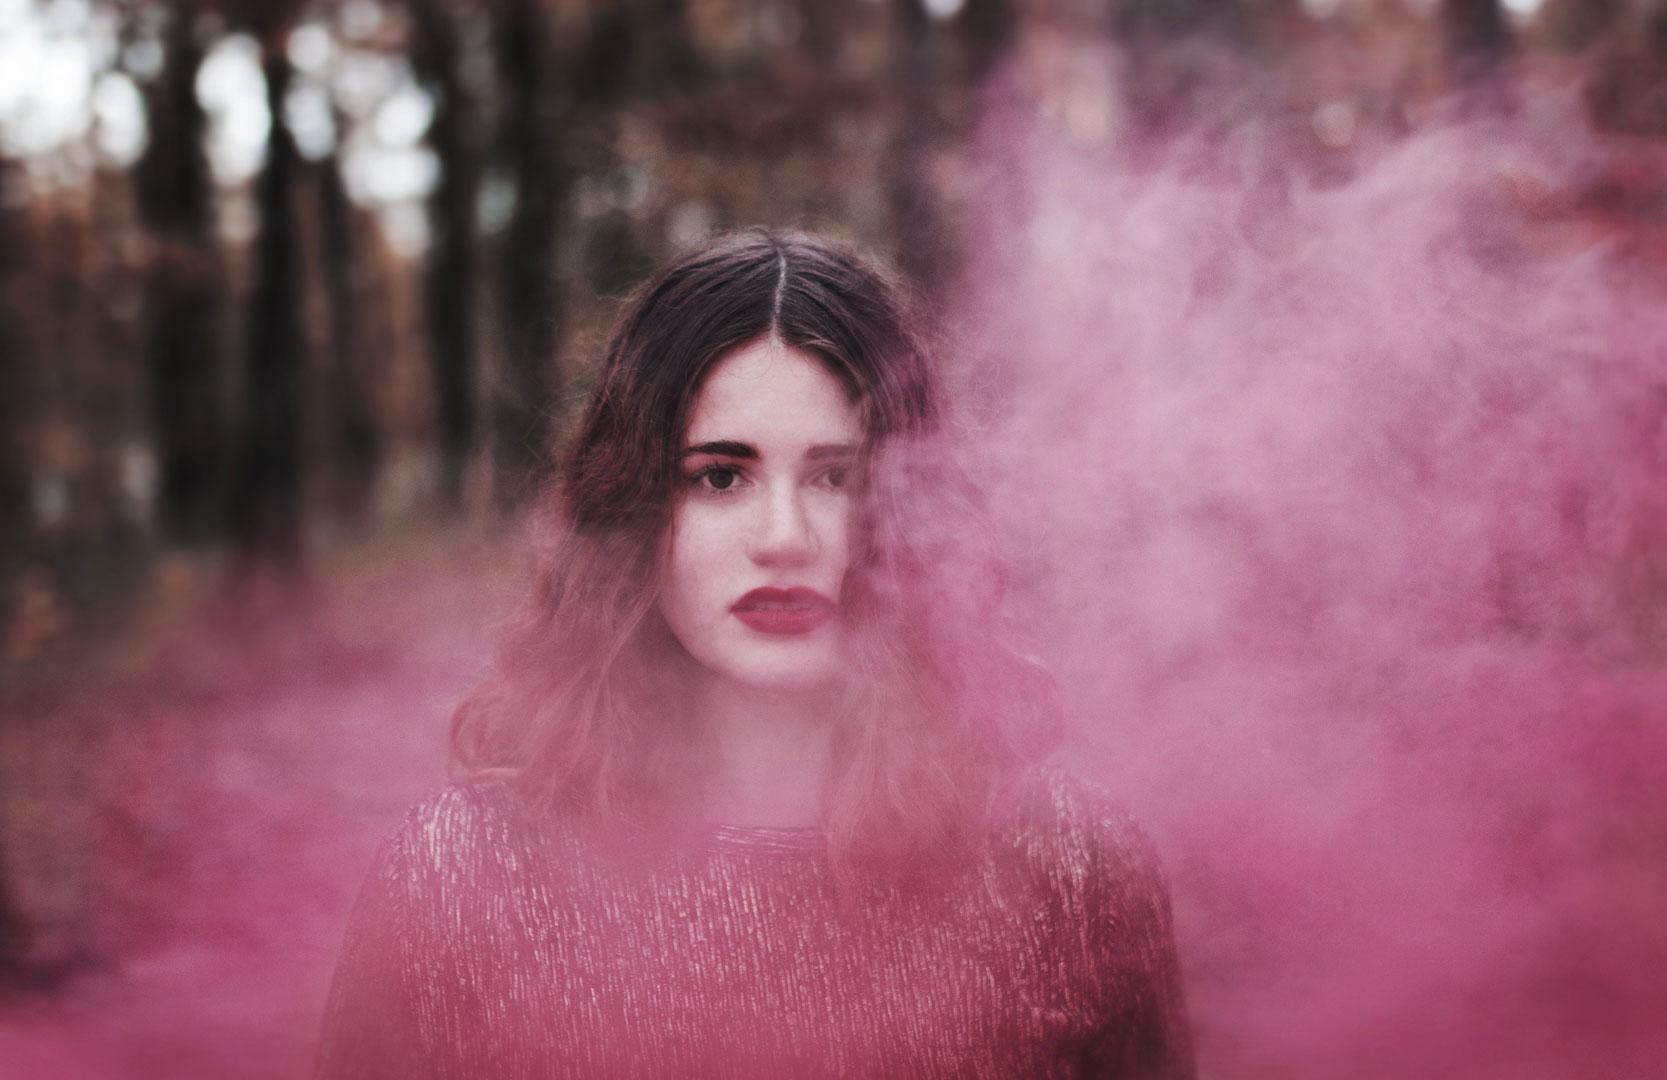 Portrait d'une jeune fille rousse avec de la fumée rose